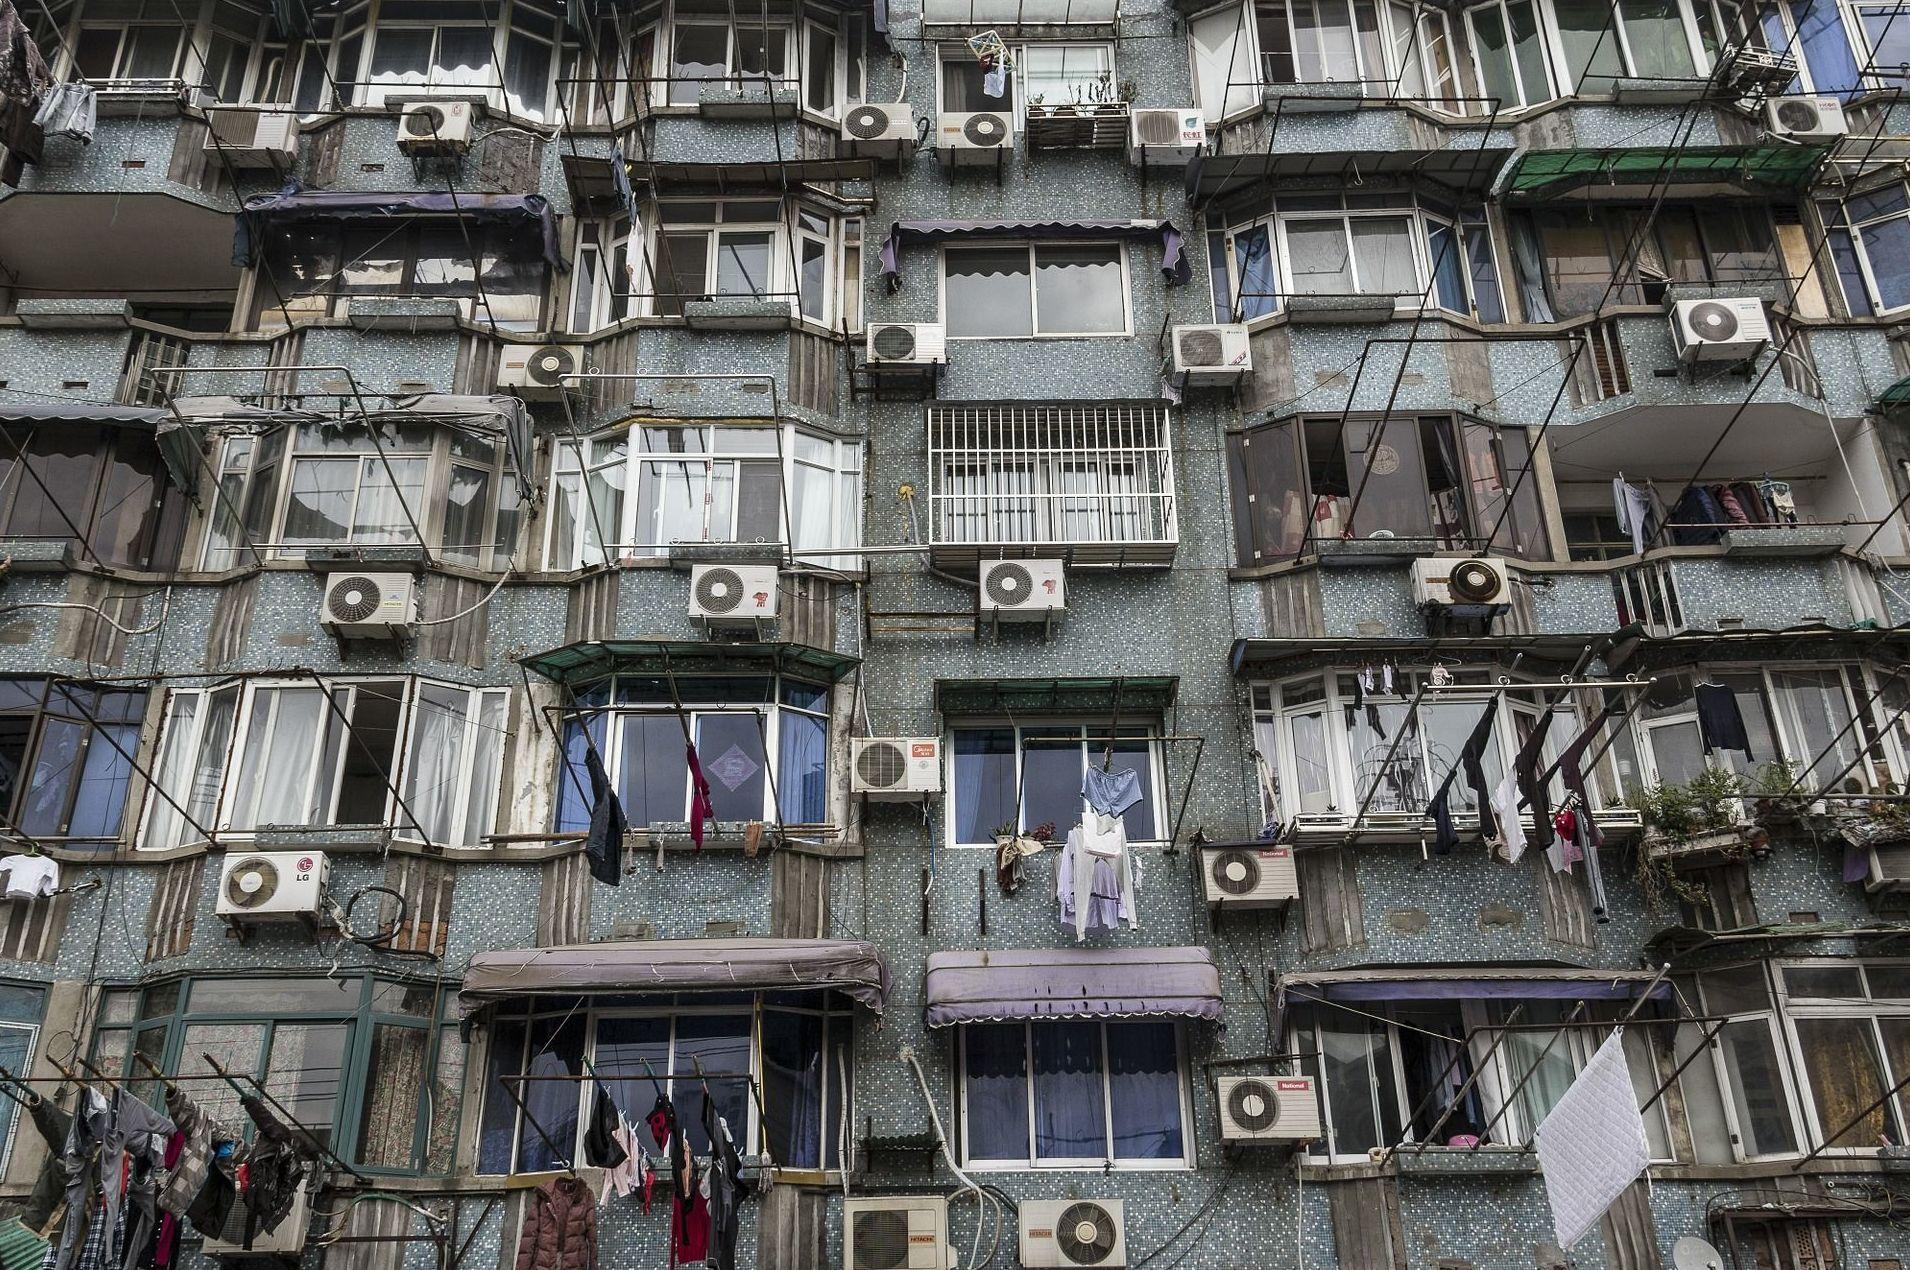 El Tribunal Supremo ordena retirar los aparatos de aire acondicionado de una fachada